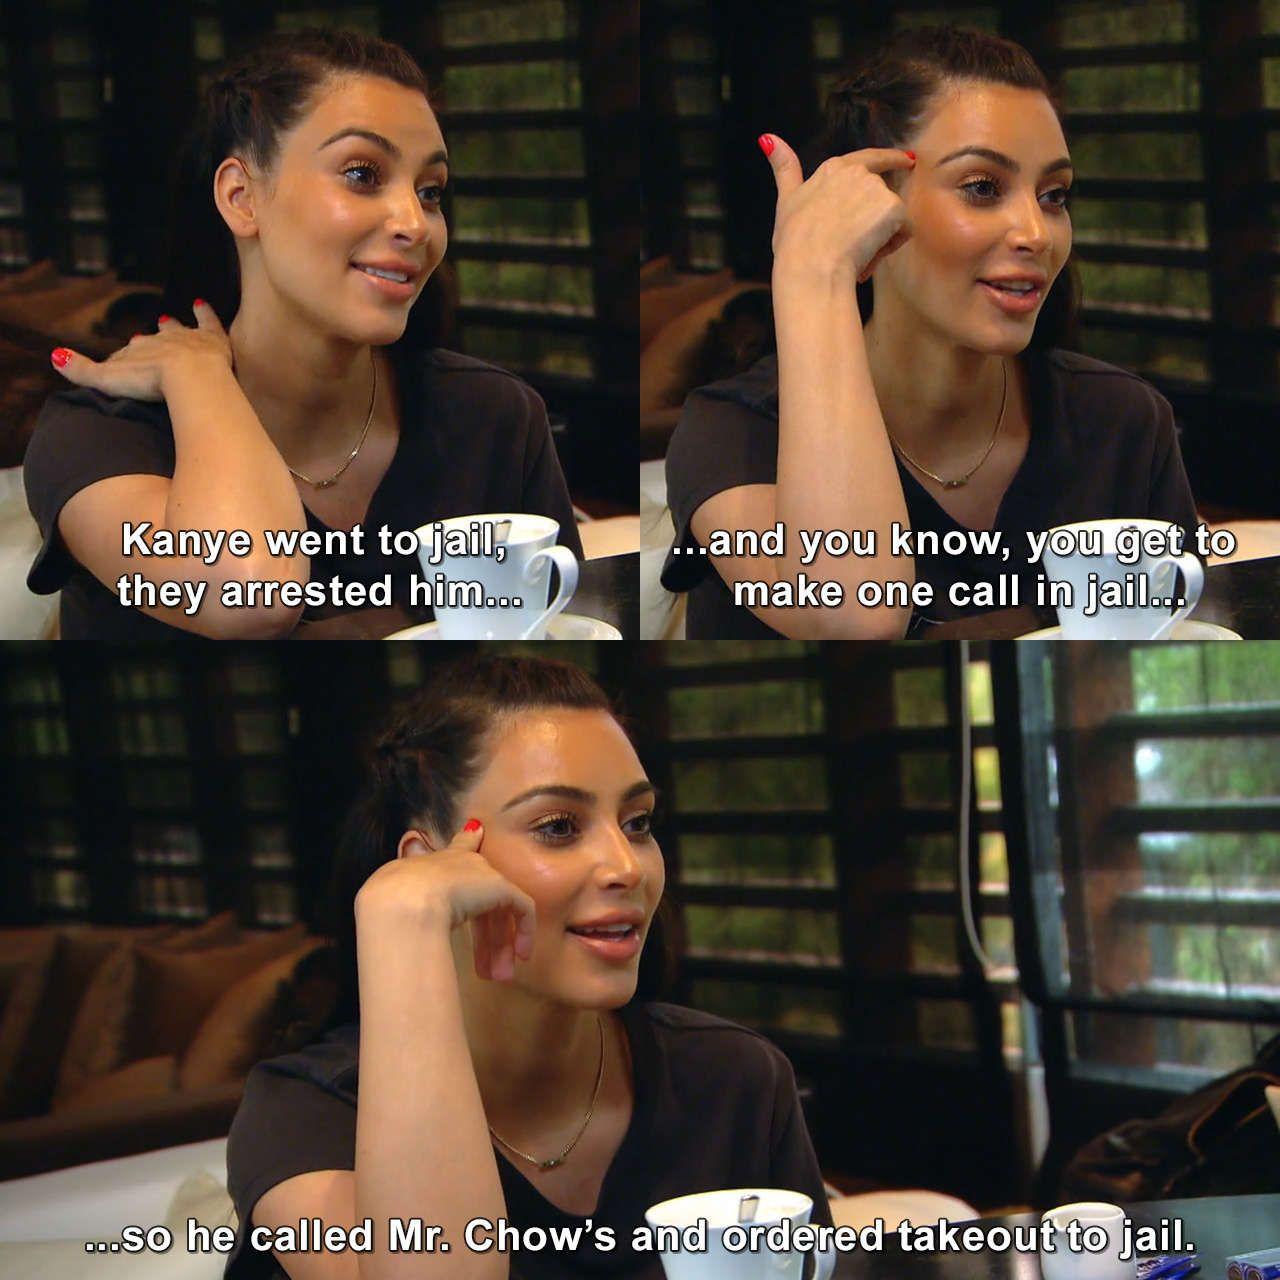 Kanye Went To Jail They Arrested Him Kimkardashian Keepingupwiththekardashians Athailandv Kardashian Funny Quotes Funny Kardashian Moments Kardashian Funny